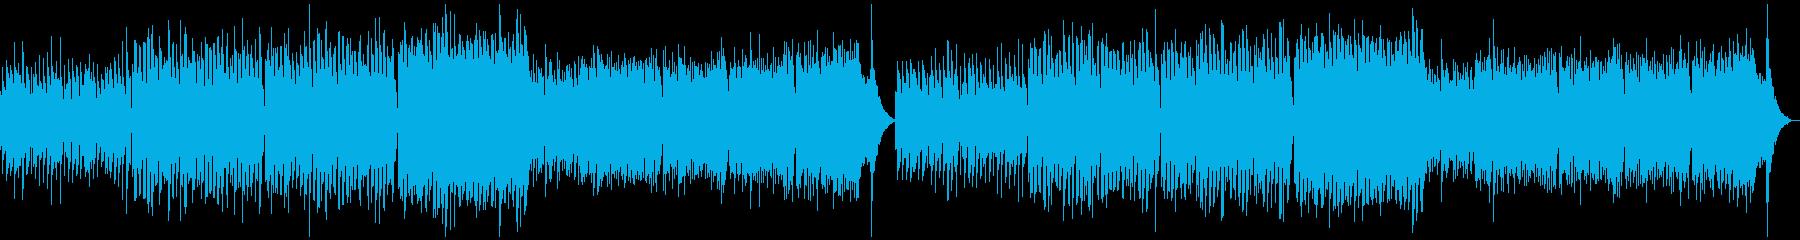 クール・スタイリッシュ・EDM・7の再生済みの波形